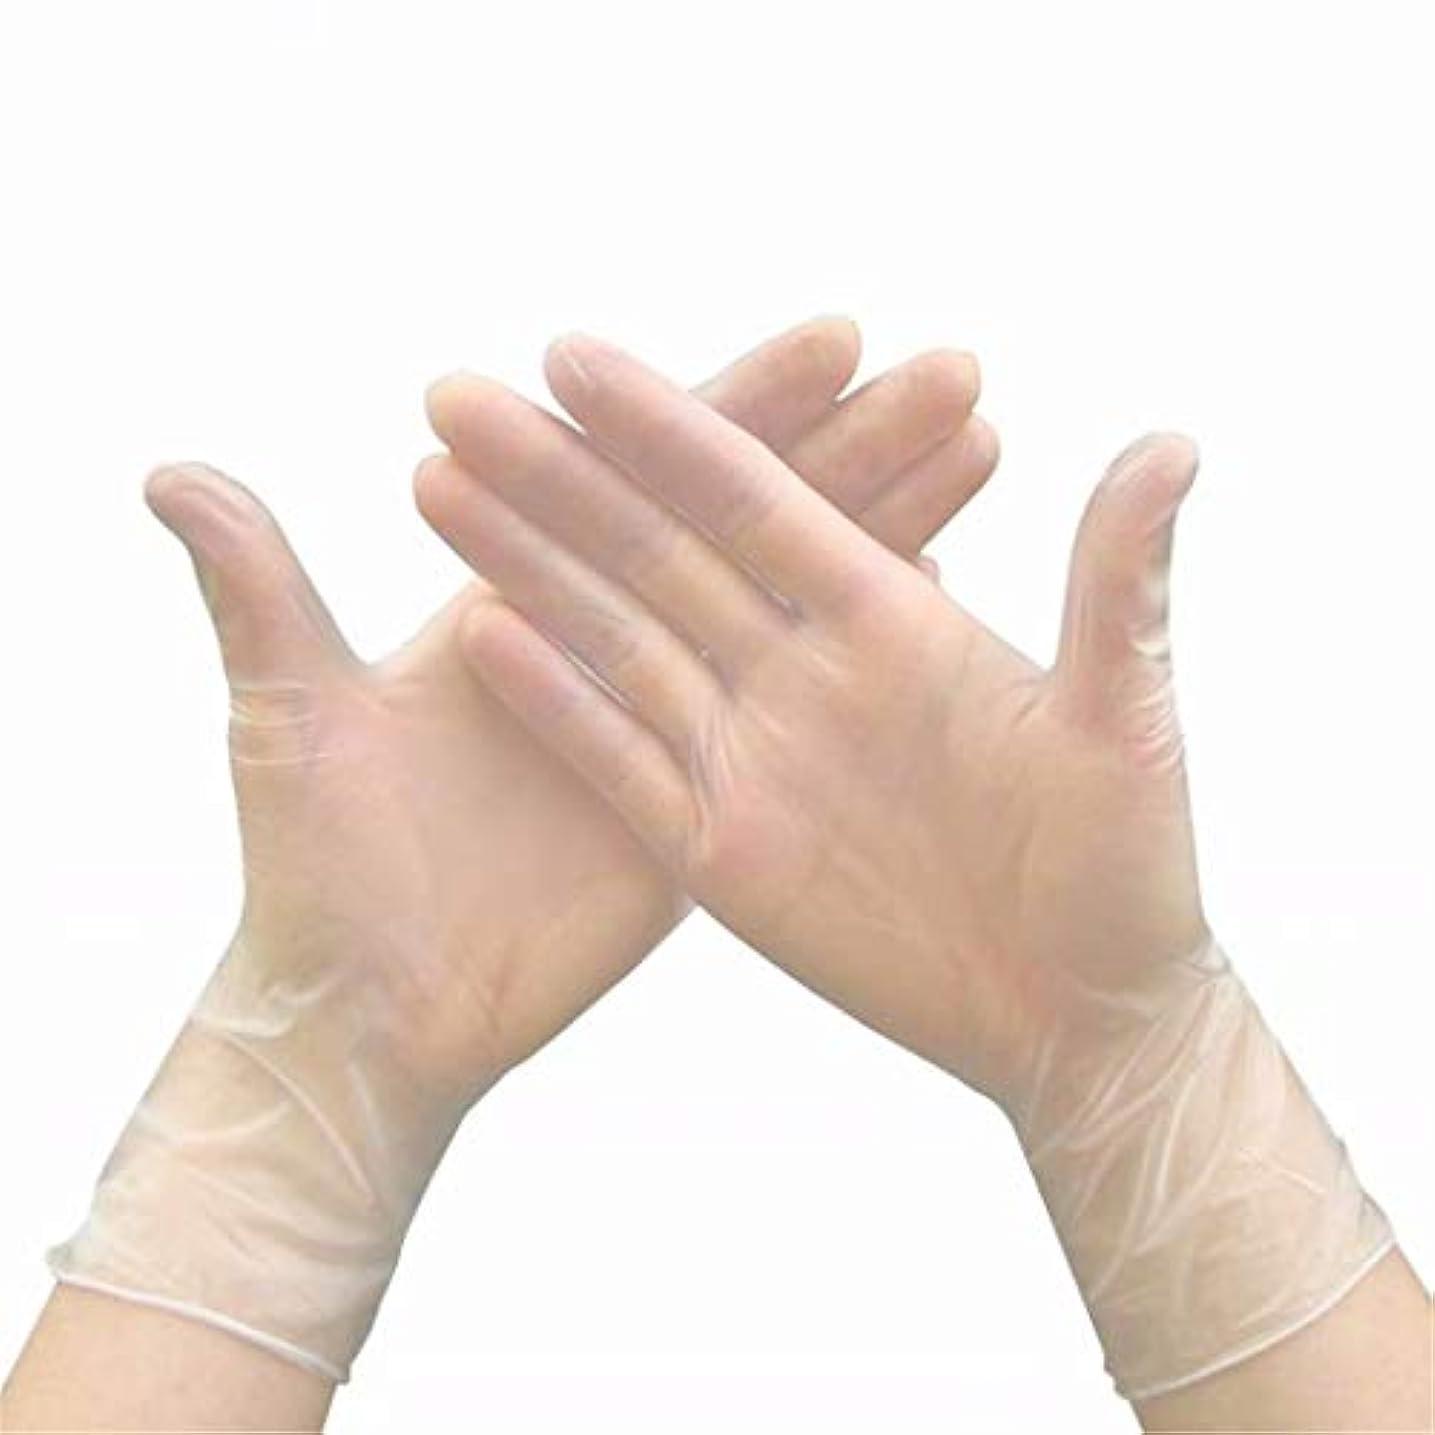 デッド簿記係悪化する七里の香 使い捨てビニール手袋、医療試験、パウダーフリーラテックスフリー、アレルギーフリー 20pcs/Box